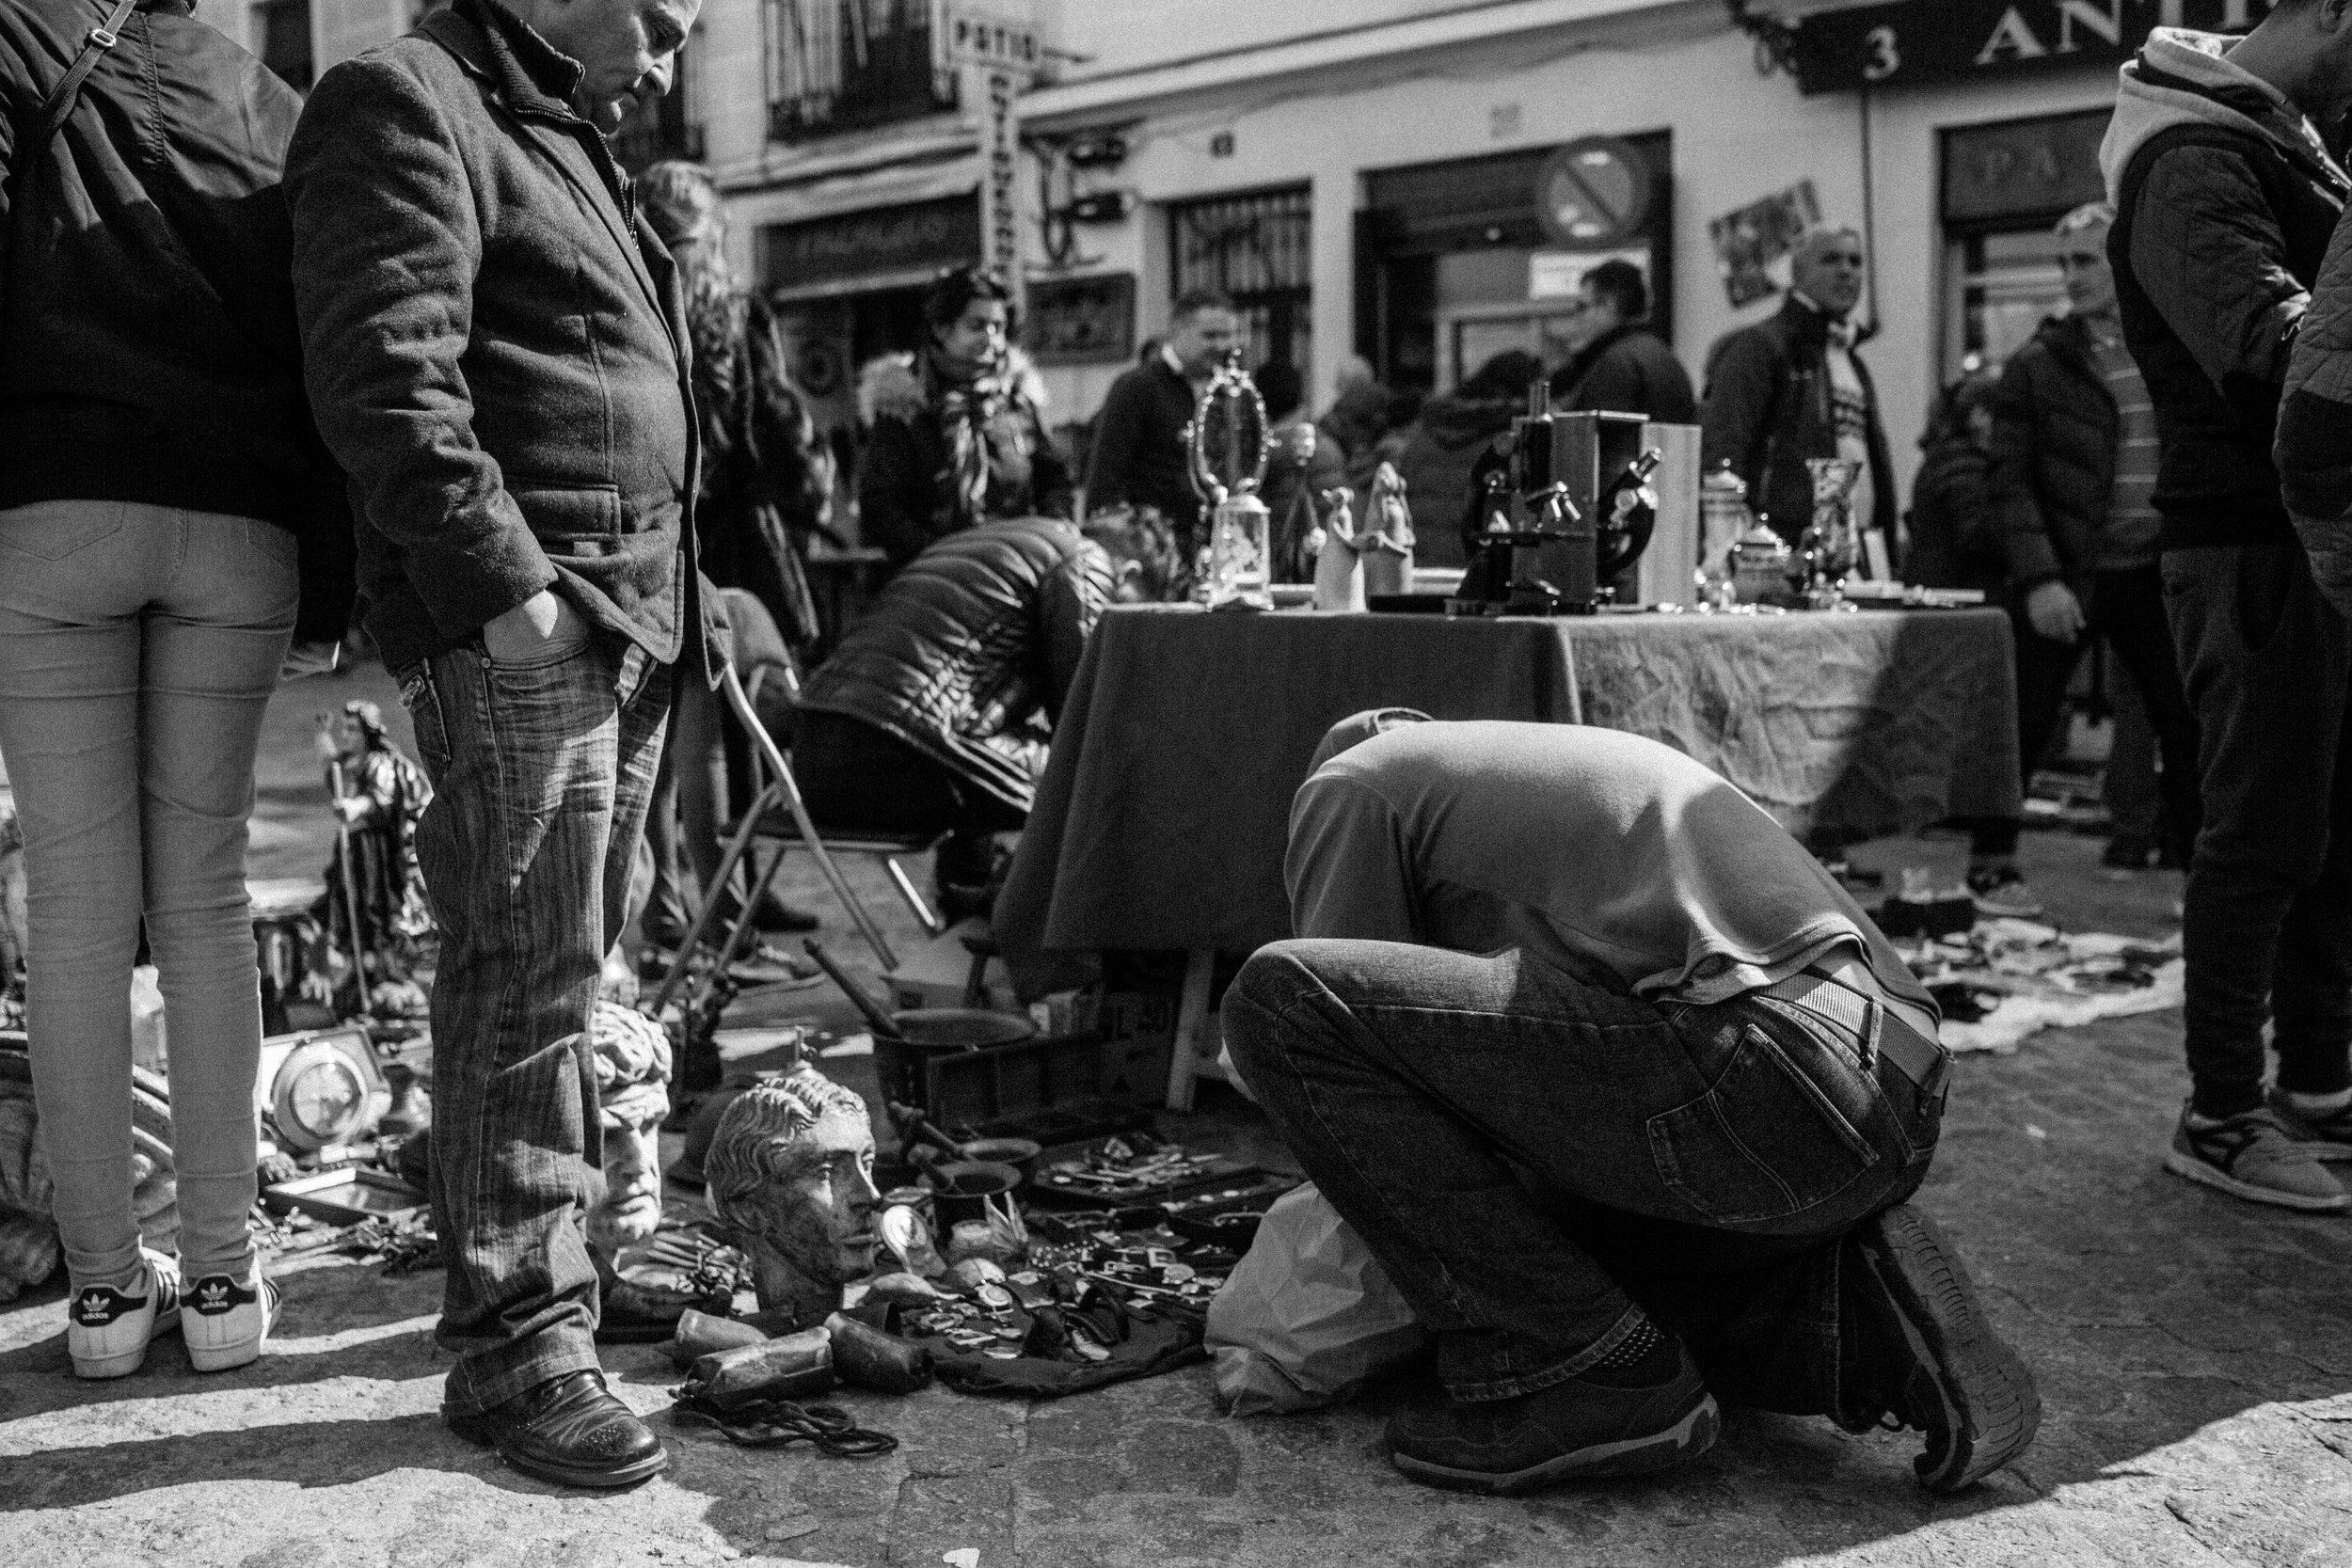 El rastro de Madrid by jorge Güiro 27.jpg